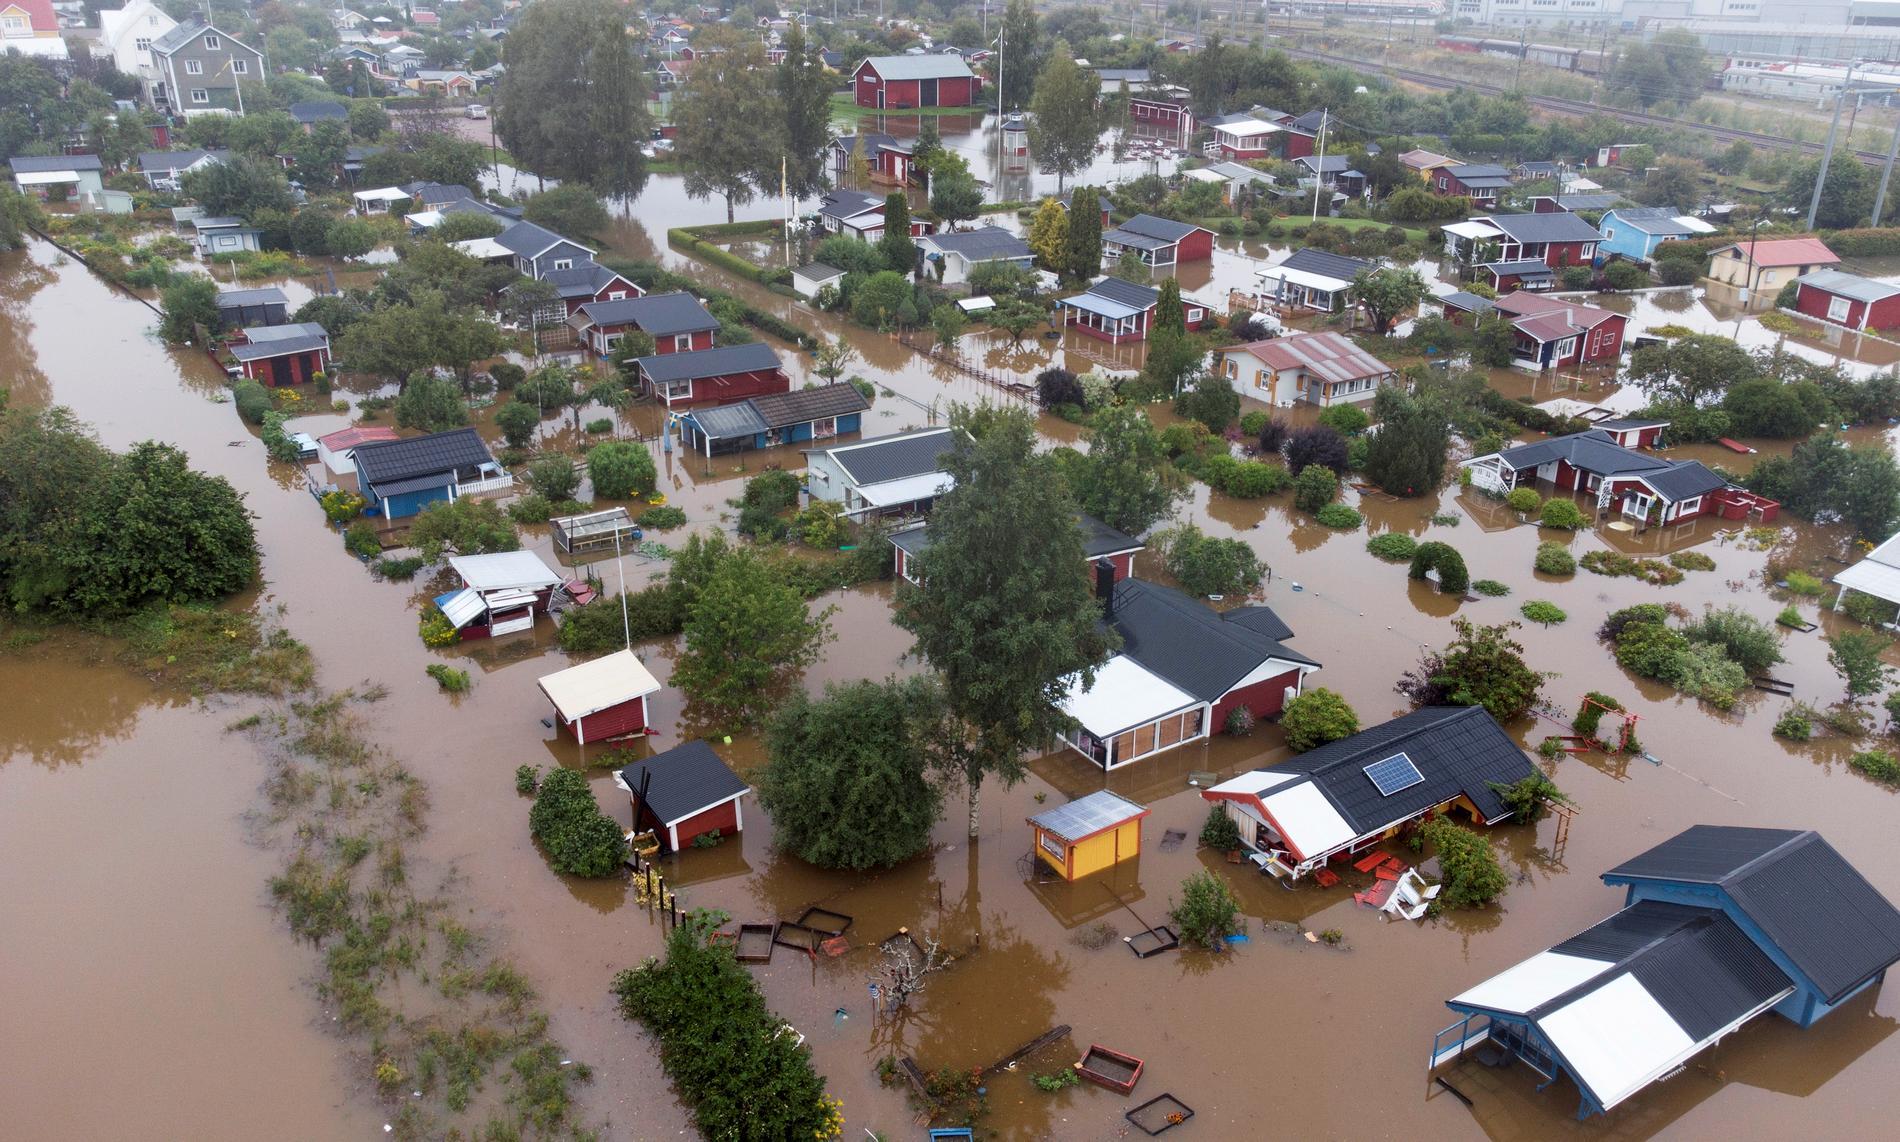 Flera fastigheter vattenskadades i samband med översvämningarna i Gävle i augusti – nu kräver försäkringsbranschen att staten tillsätter en översvämningsutredning.